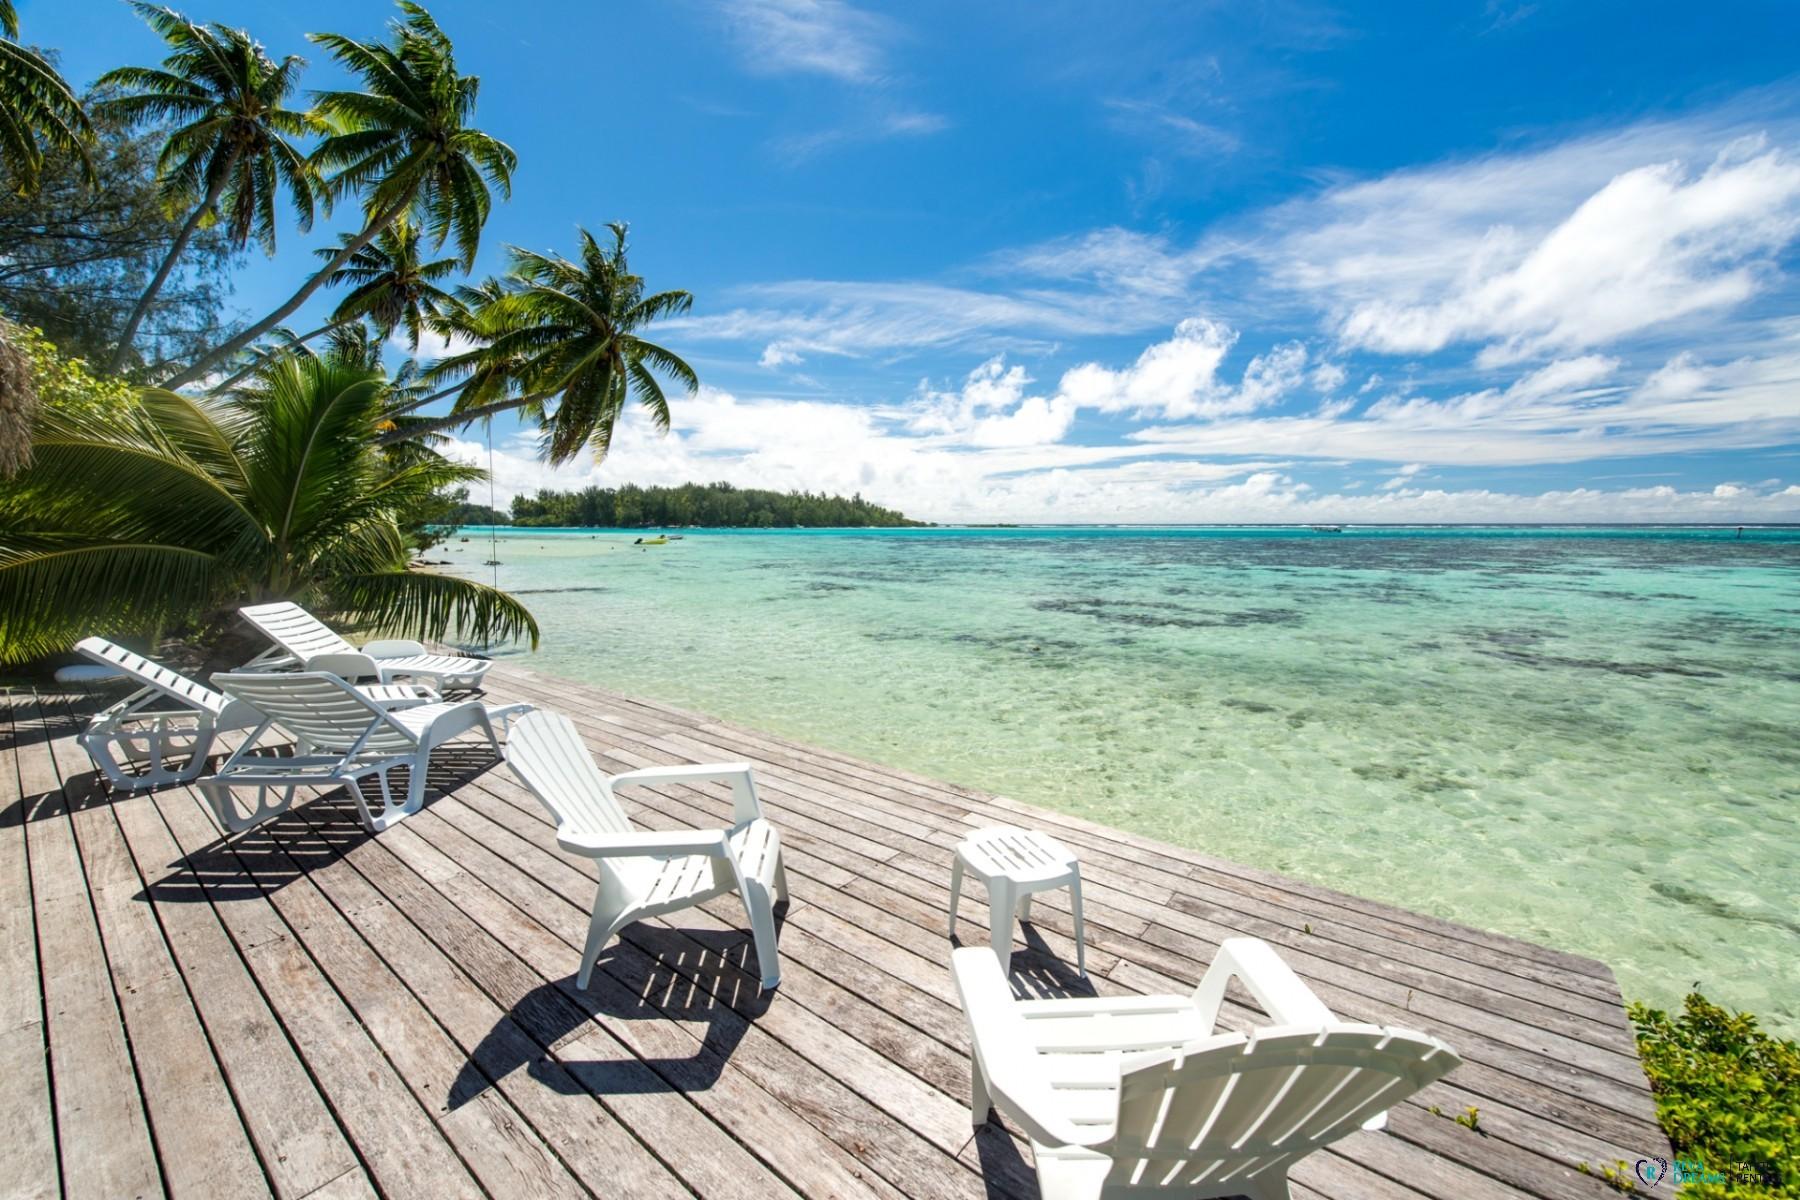 Villa Teareva Dream, location de vacances en Polynésie Française,séjours de rêve à Moorea